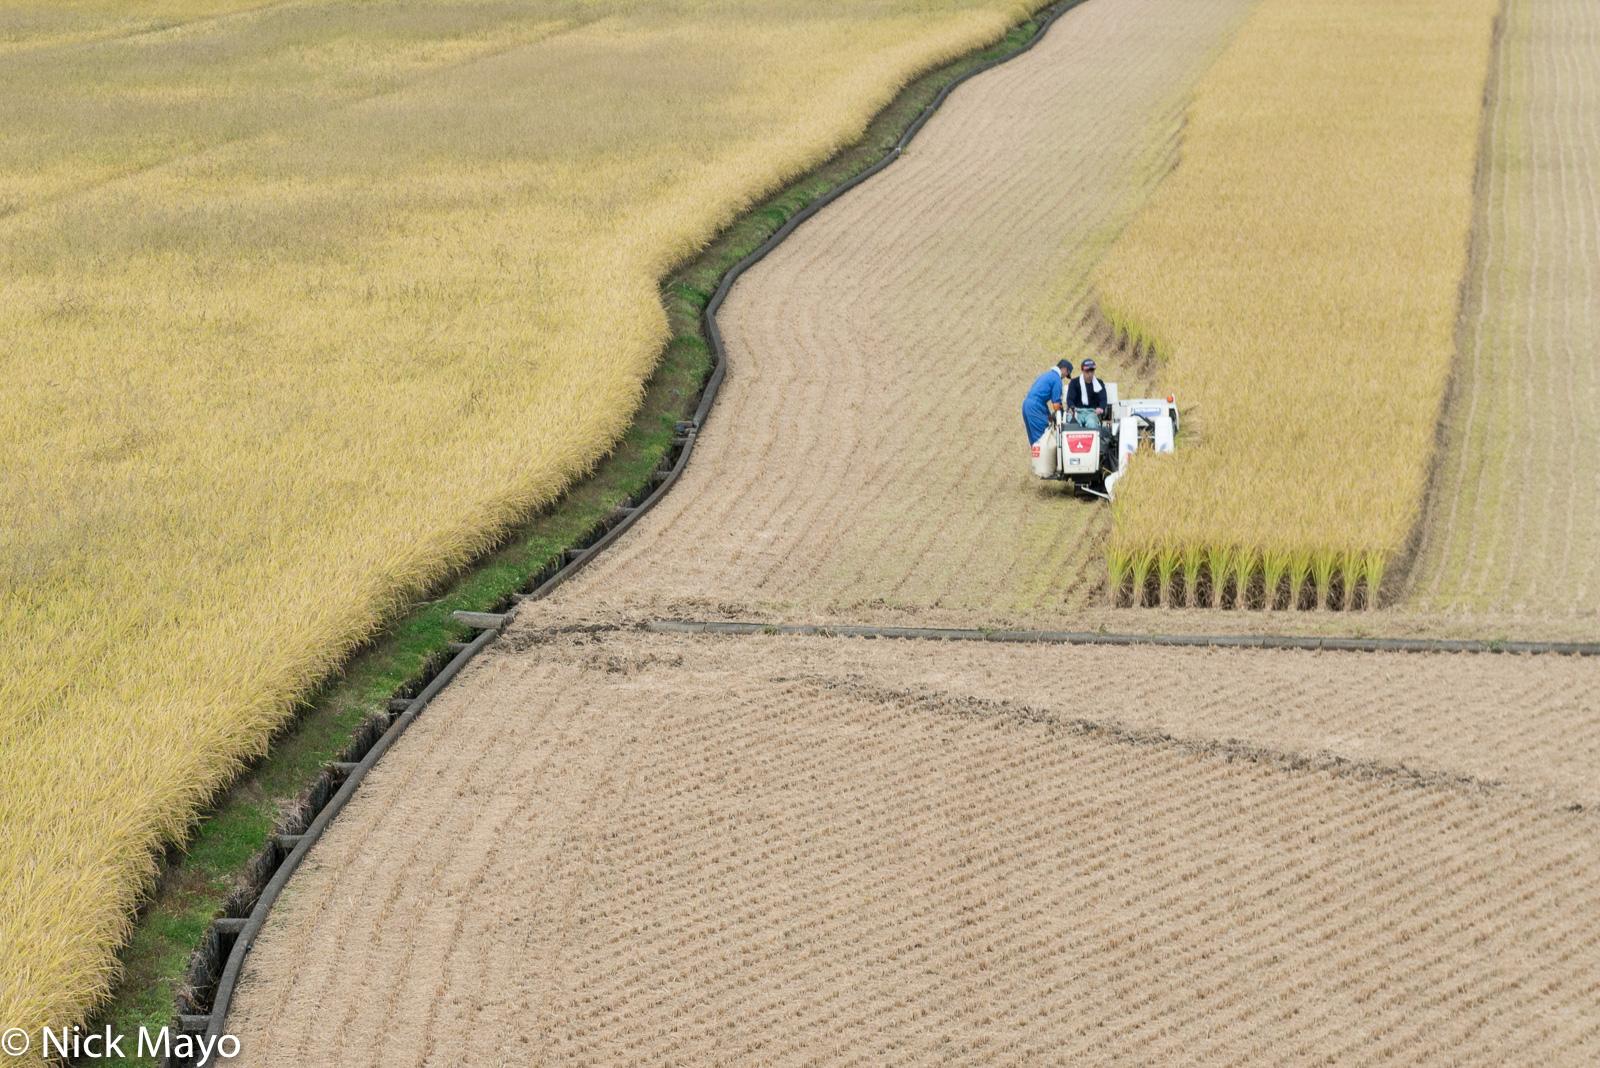 Harvesting,Japan,Kyushu,Paddy, photo